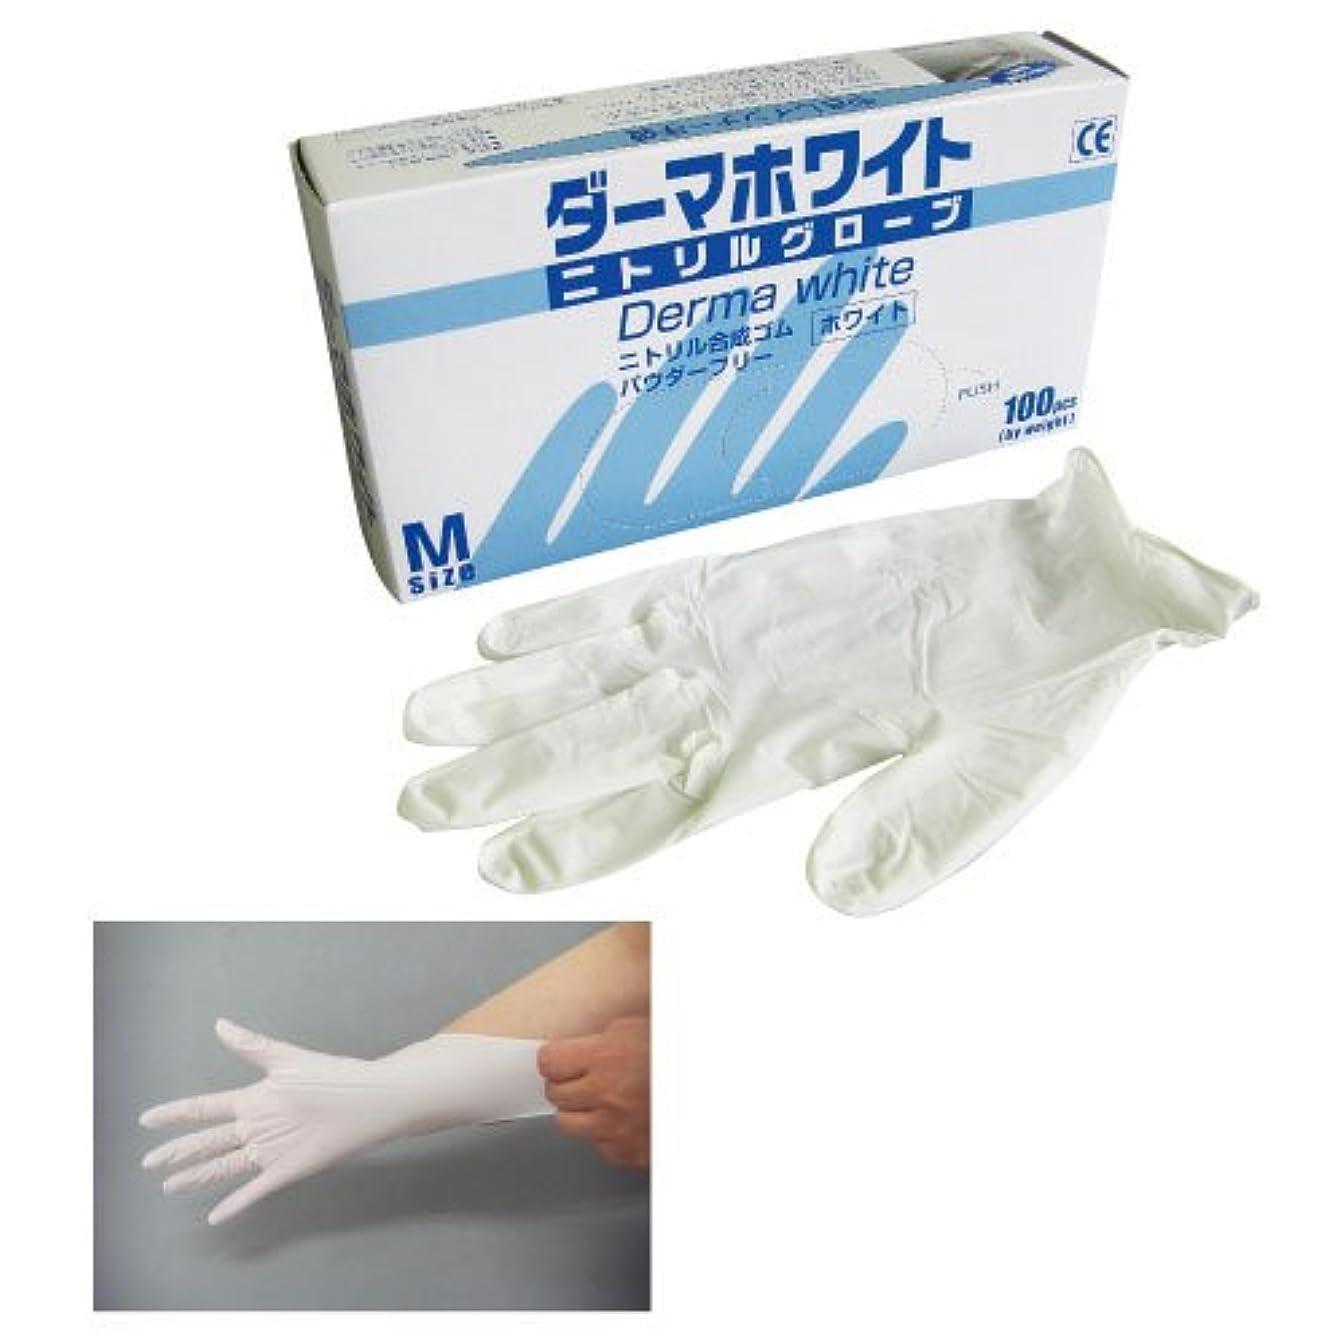 群衆否定する意志に反するダーマホワイト ニトリル手袋PF ?????????????????PF(23-3770-03)GN01(L)100??